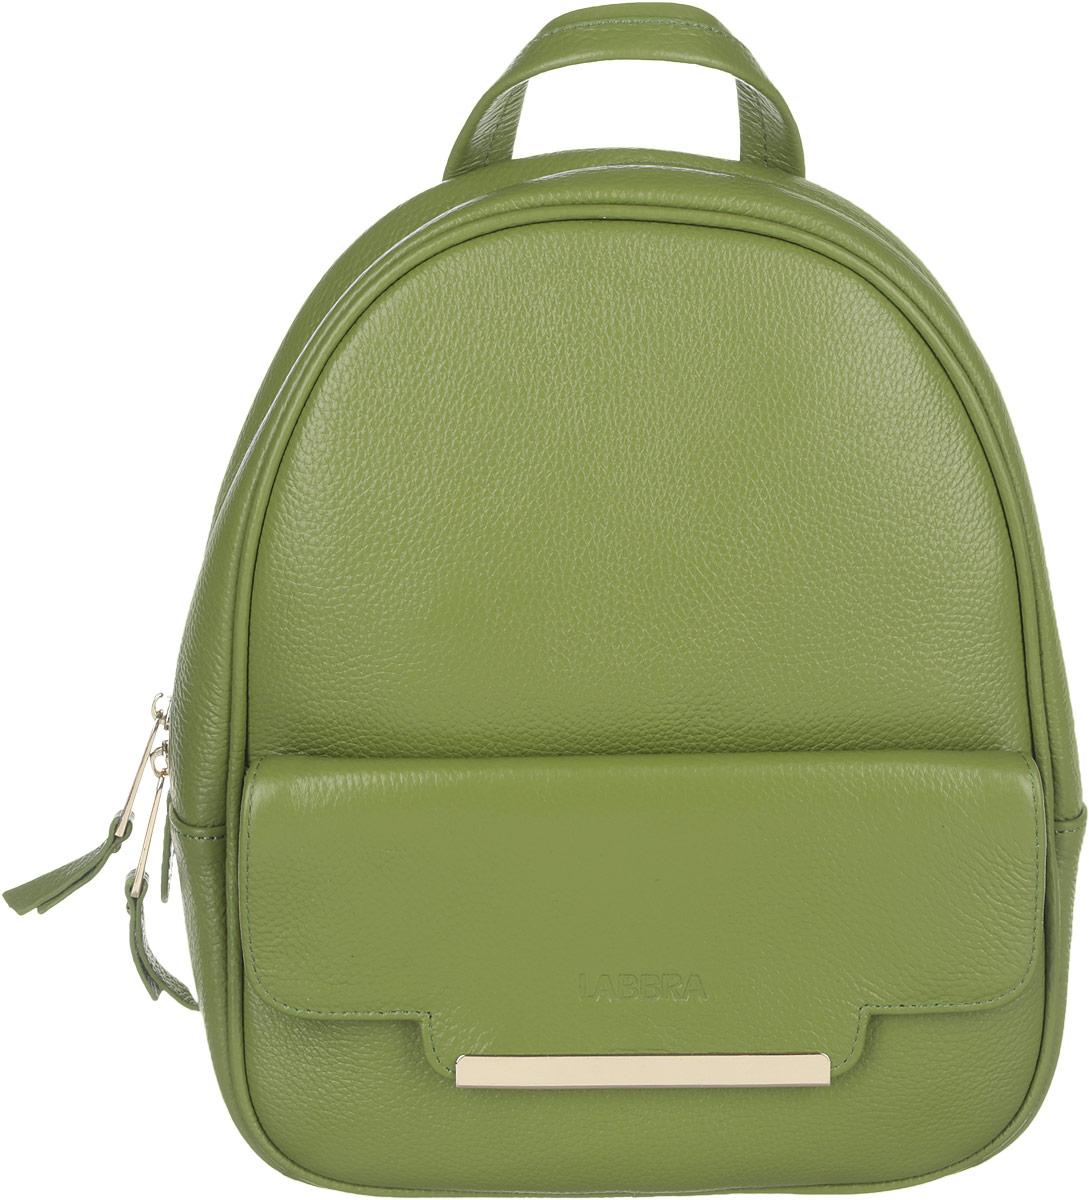 Рюкзак женский Labbra, цвет: зеленый. L-9915-2L-9915-2Стильный женский рюкзак Labbra выполнен из натуральной кожи с зернистой фактурной, оформлен металлической фурнитурой с символикой бренда. Изделие содержит одно основное отделение, закрывающееся на металлическую застежку-молнию. Внутри расположены два накладных кармашка для мелочей и врезной карман на молнии. Лицевая сторона рюкзака дополнена прорезным карманом, который закрывается на клапан с магнитом, декорированный тиснением логотипа бренда и металлической пластиной. Спинка изделия дополнена небольшим врезным карманом на молнии. Рюкзак оснащен удобными плечевыми лямками регулируемой длины, а также ручкой для переноски в руке. Практичный аксессуар позволит вам завершить свой образ и быть неотразимой.